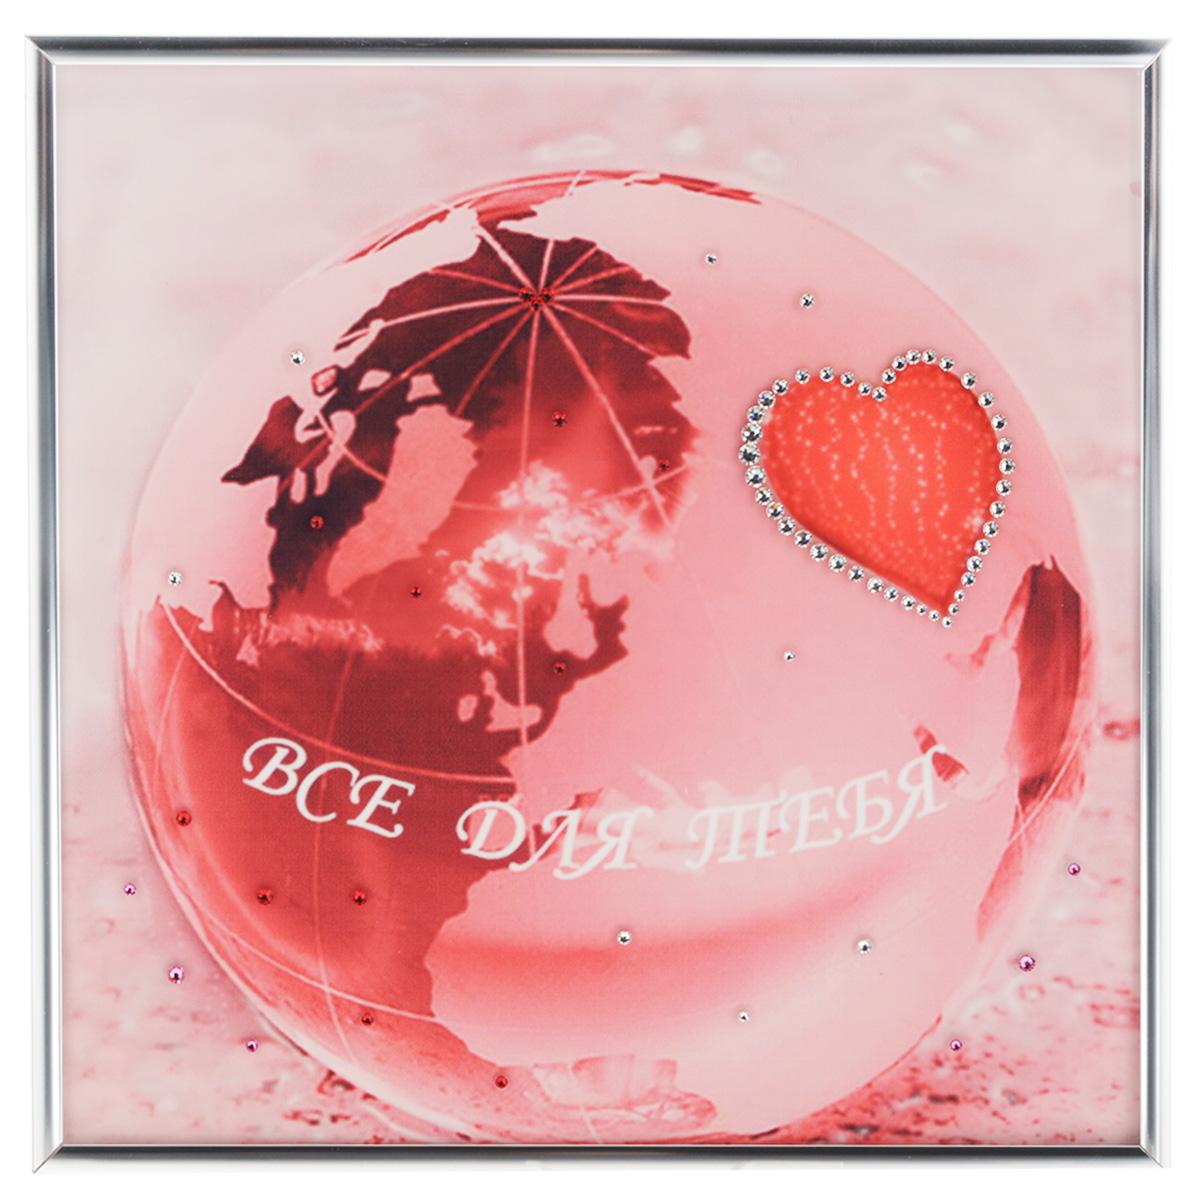 Картина с кристаллами Swarovski Весь мир для тебя, 26 х 26 смIDEA CT3-04Изящная картина в металлической раме, инкрустирована кристаллами Swarovski, которые отличаются четкой и ровной огранкой, ярким блеском и чистотой цвета. Красочное изображение глобуса и сердца, расположенное под стеклом, прекрасно дополняет блеск кристаллов. С обратной стороны имеется металлическая петелька для размещения картины на стене. Картина с кристаллами Swarovski Весь мир для тебя элегантно украсит интерьер дома или офиса, а также станет прекрасным подарком, который обязательно понравится получателю. Блеск кристаллов в интерьере, что может быть сказочнее и удивительнее. Картина упакована в подарочную картонную коробку синего цвета и комплектуется сертификатом соответствия Swarovski.